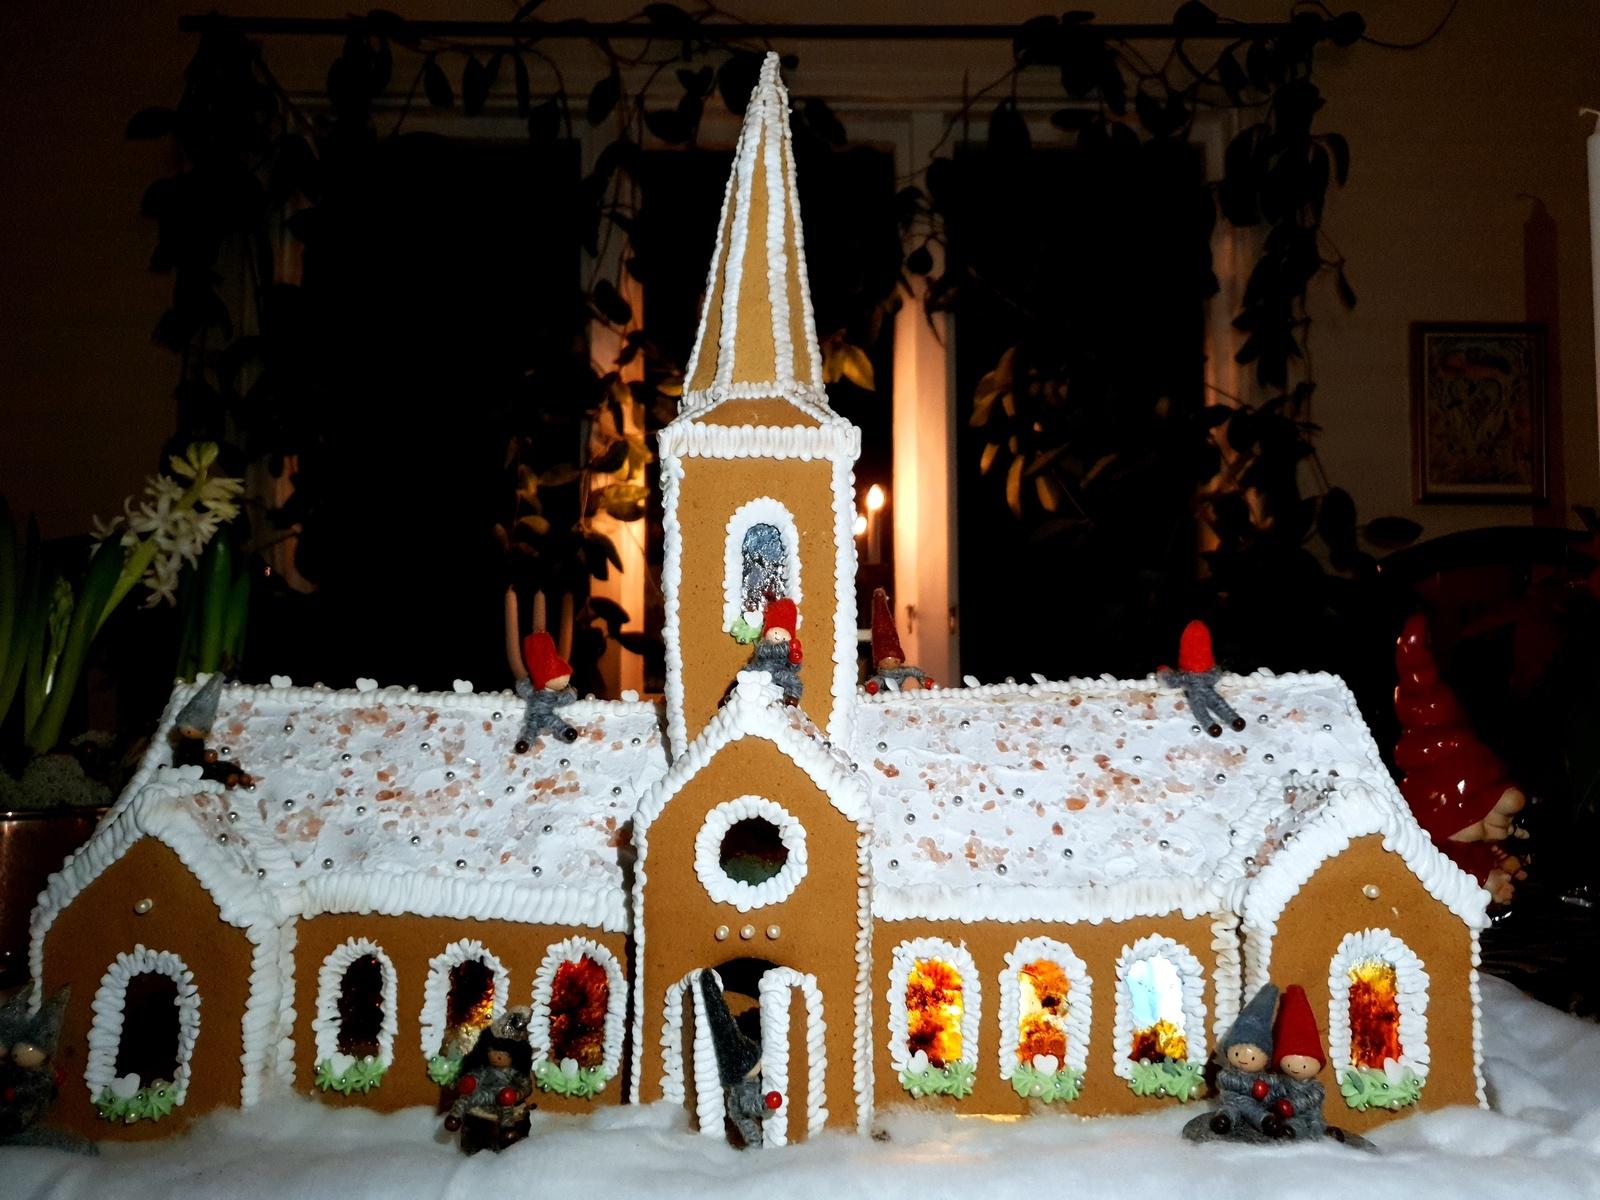 """Borgholms kyrka av Emelie Östman: """"Förra året gjorde jag Kackelstugan och i år gjorde jag Borgholms kyrka! Fönstren är gjorda av karameller så att det blev riktiga kyrka-fönster! Och tomtenissarna har flyttat in."""""""